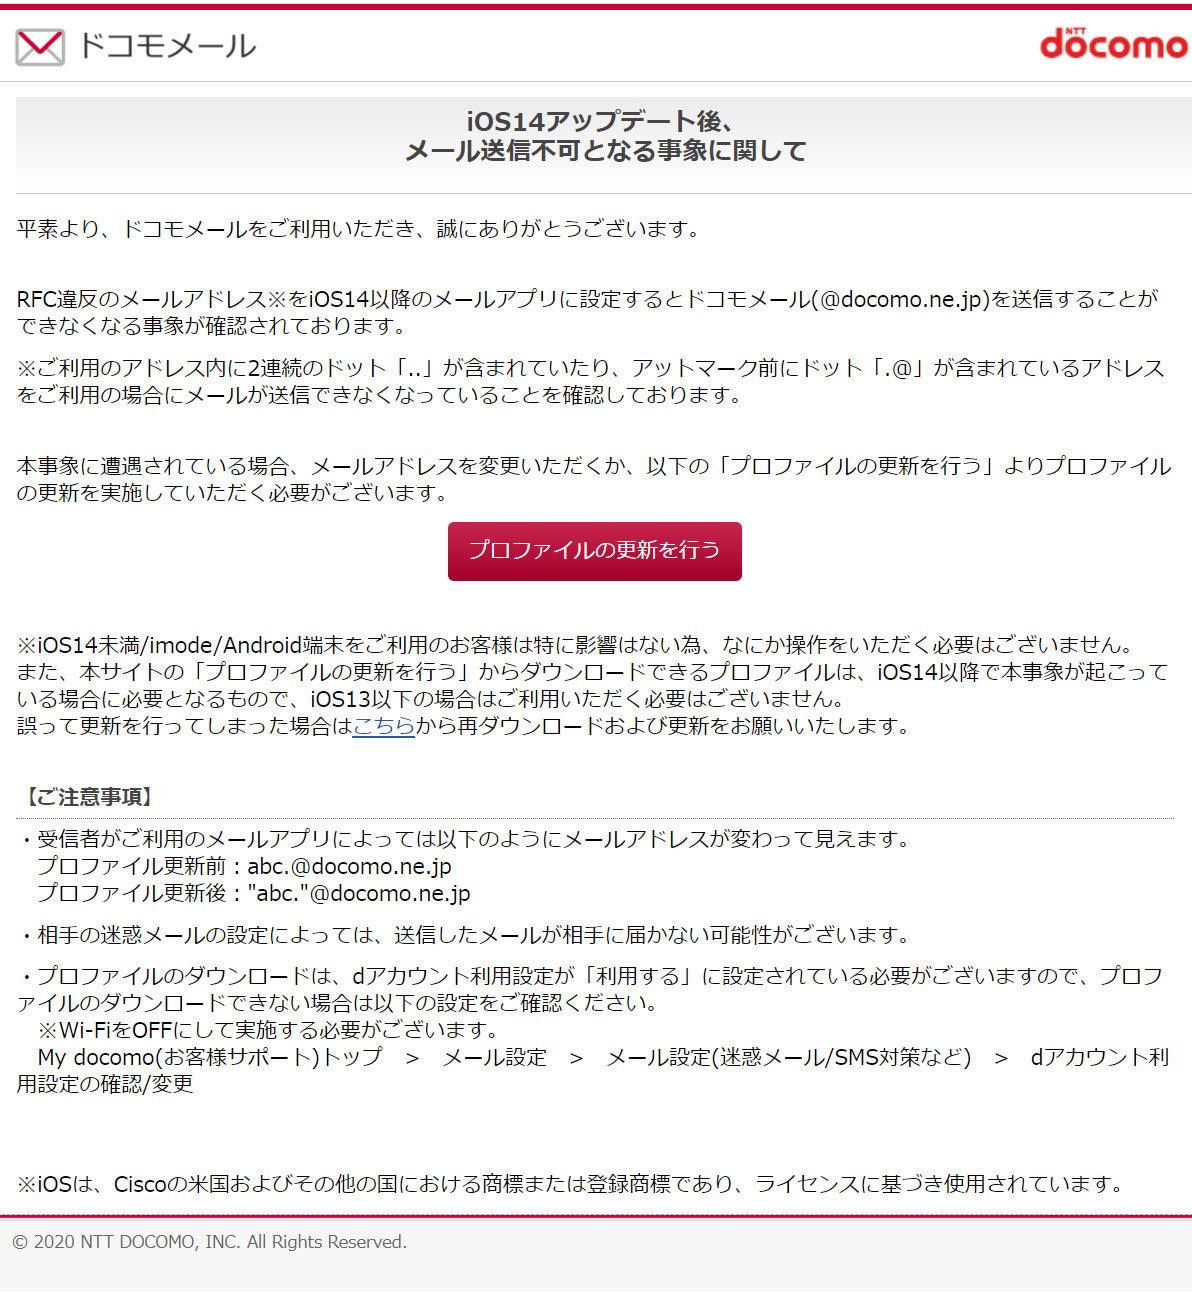 「RFC違反」アドレスのドコモメール、iOS14で送信不可に - ITmedia NEWS